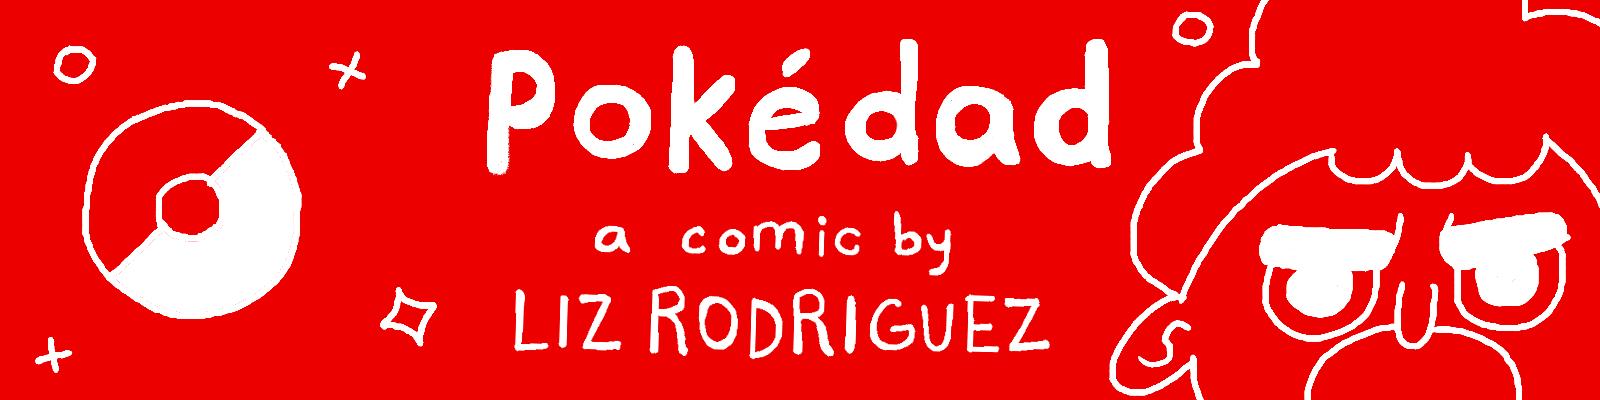 Pokédad Comic